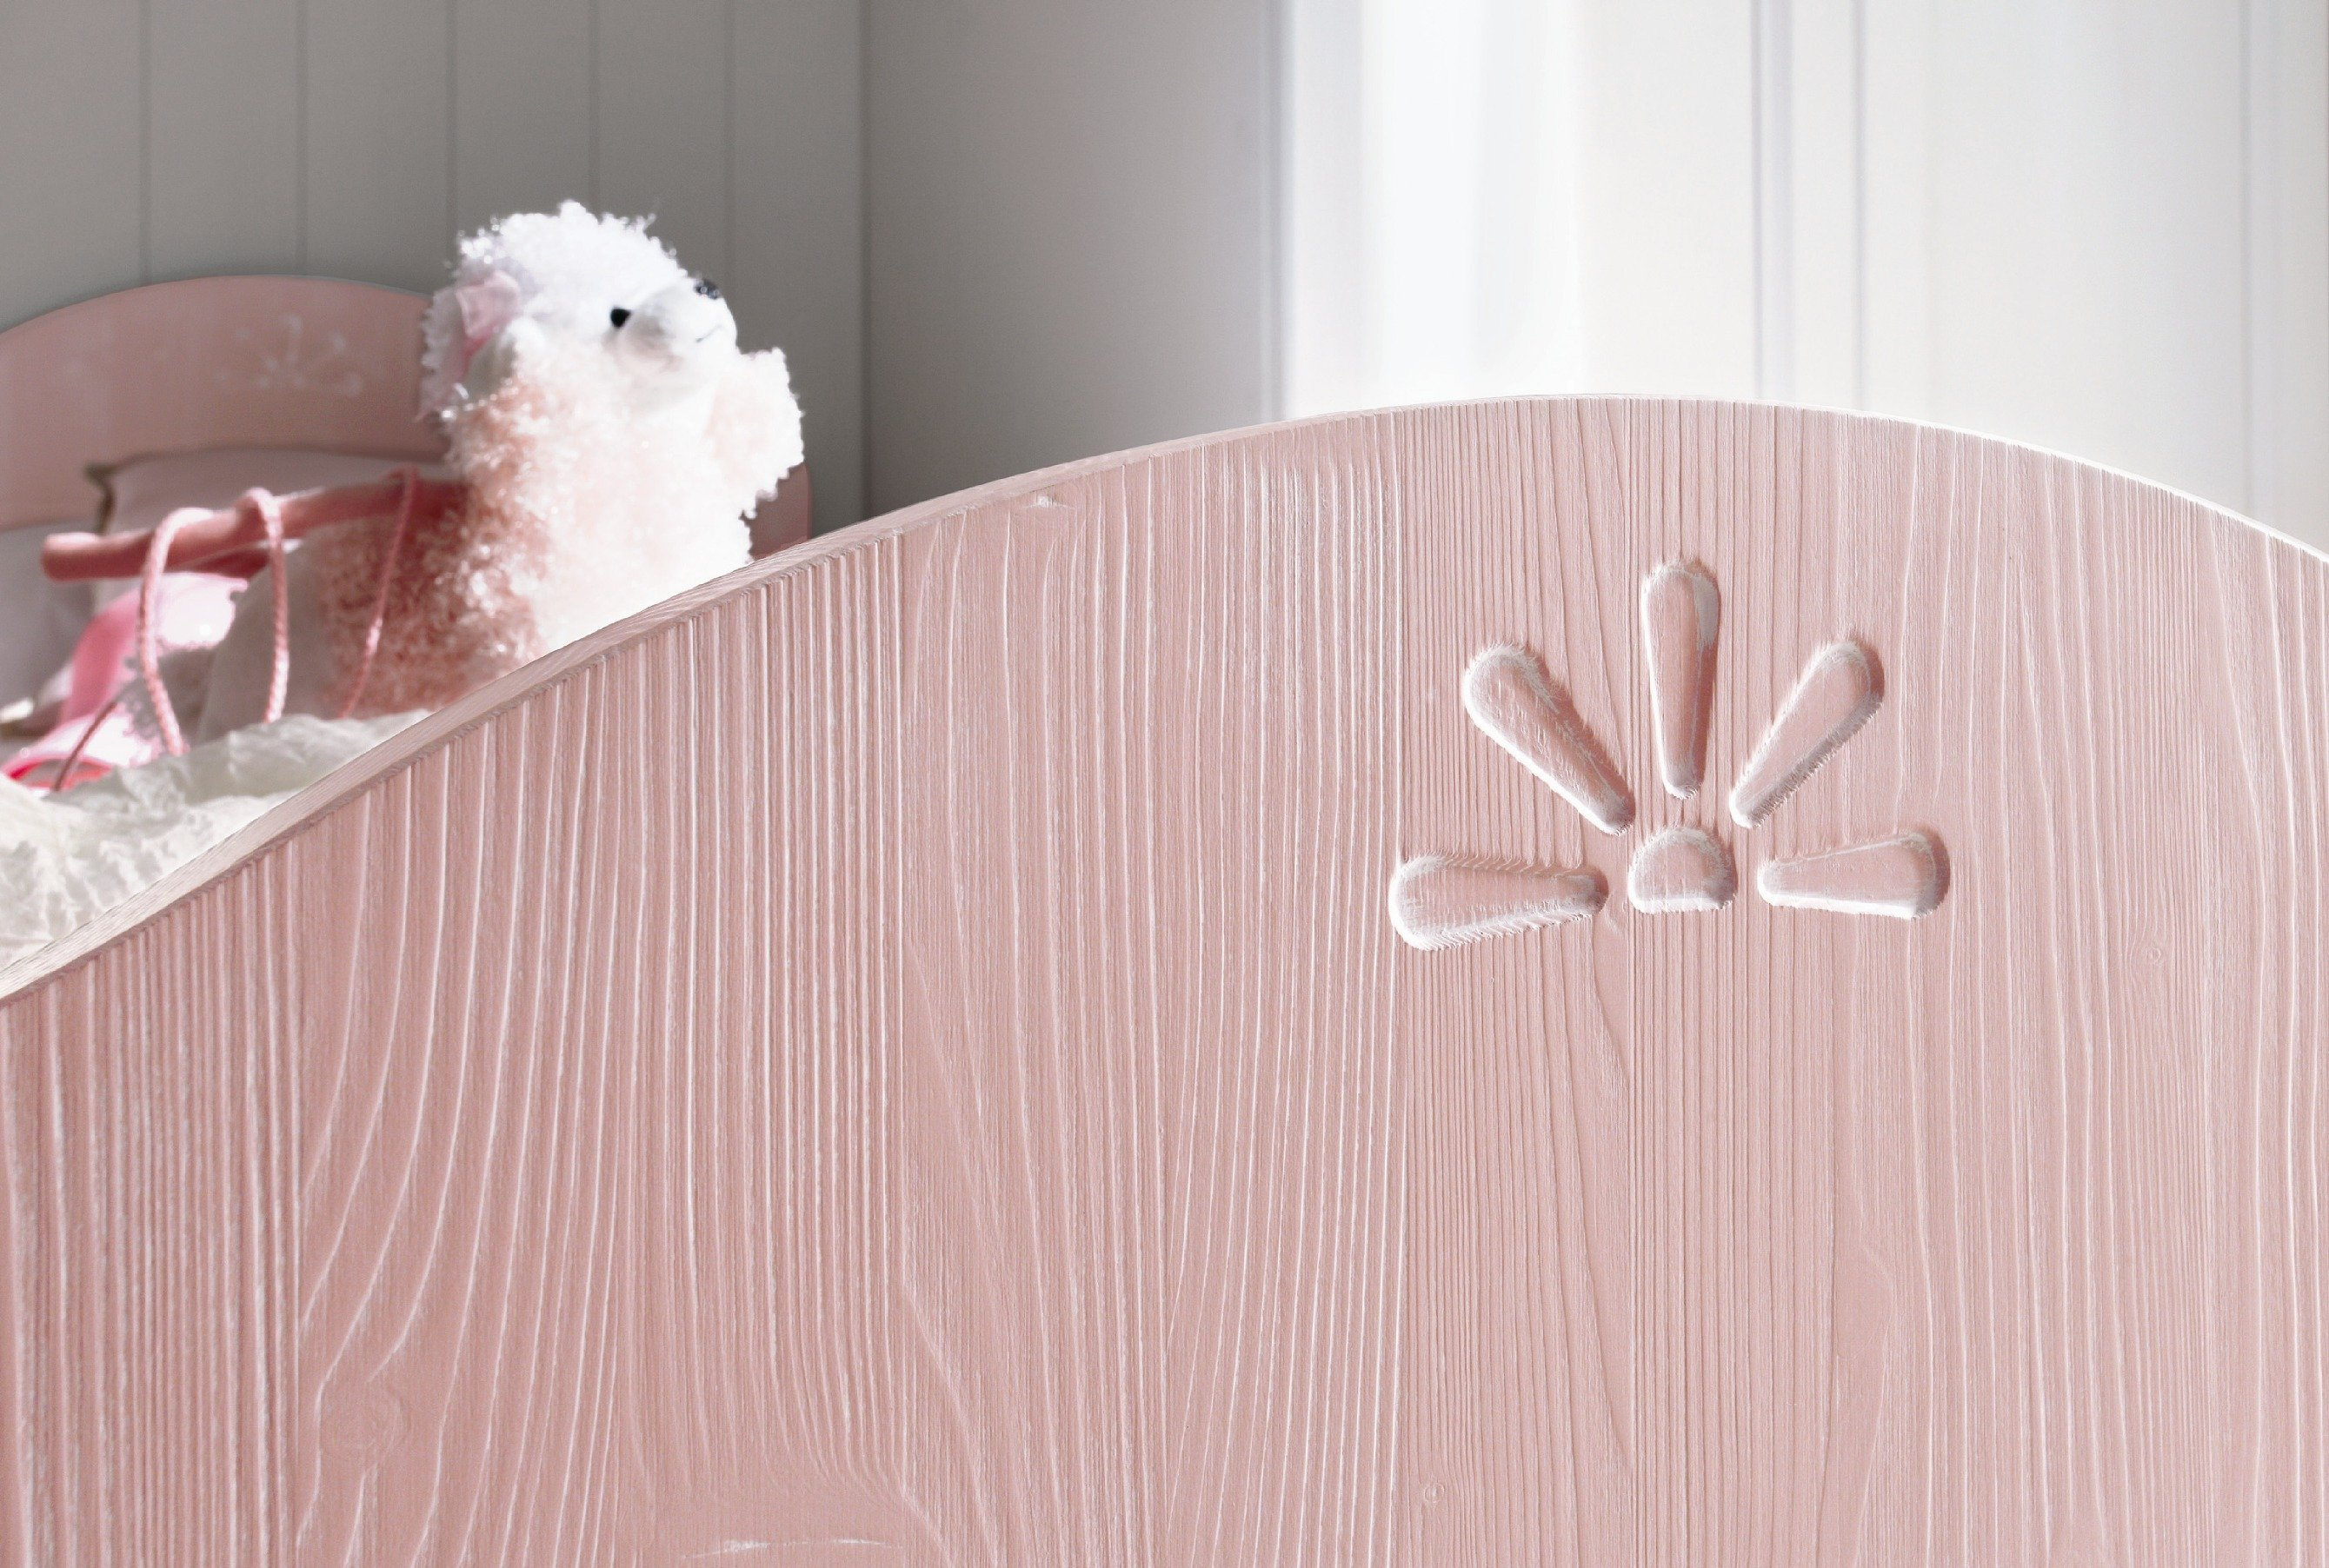 Illuminazione Soppalco In Legno: Illuminazione soppalco in legno come arredare una casa dai ...